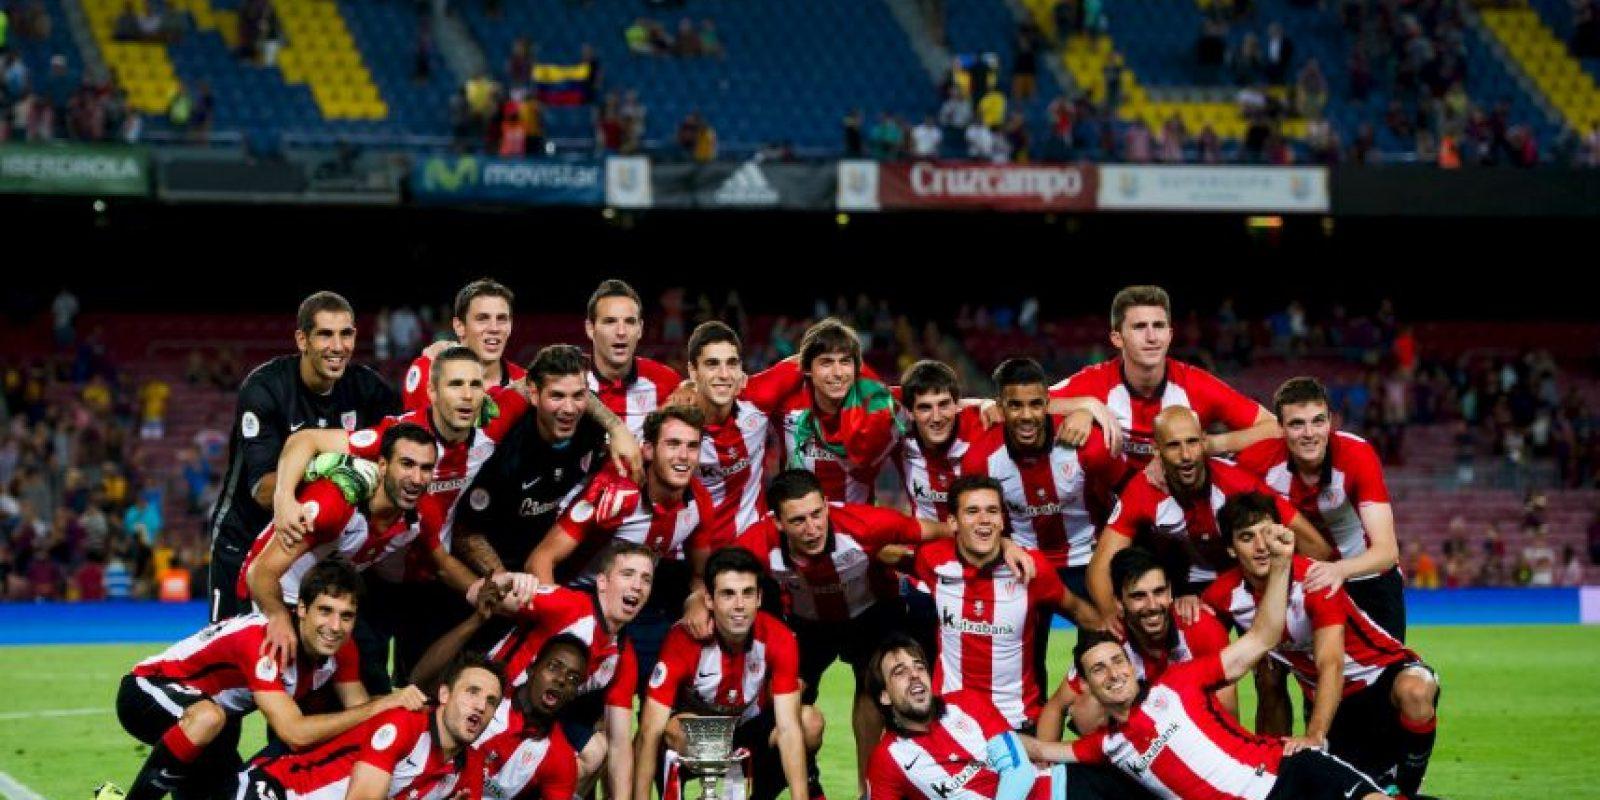 3. Perdieron la Supercopa de España con el combinado de Bilbao con un marcador global de 5-1 Foto:Getty Images